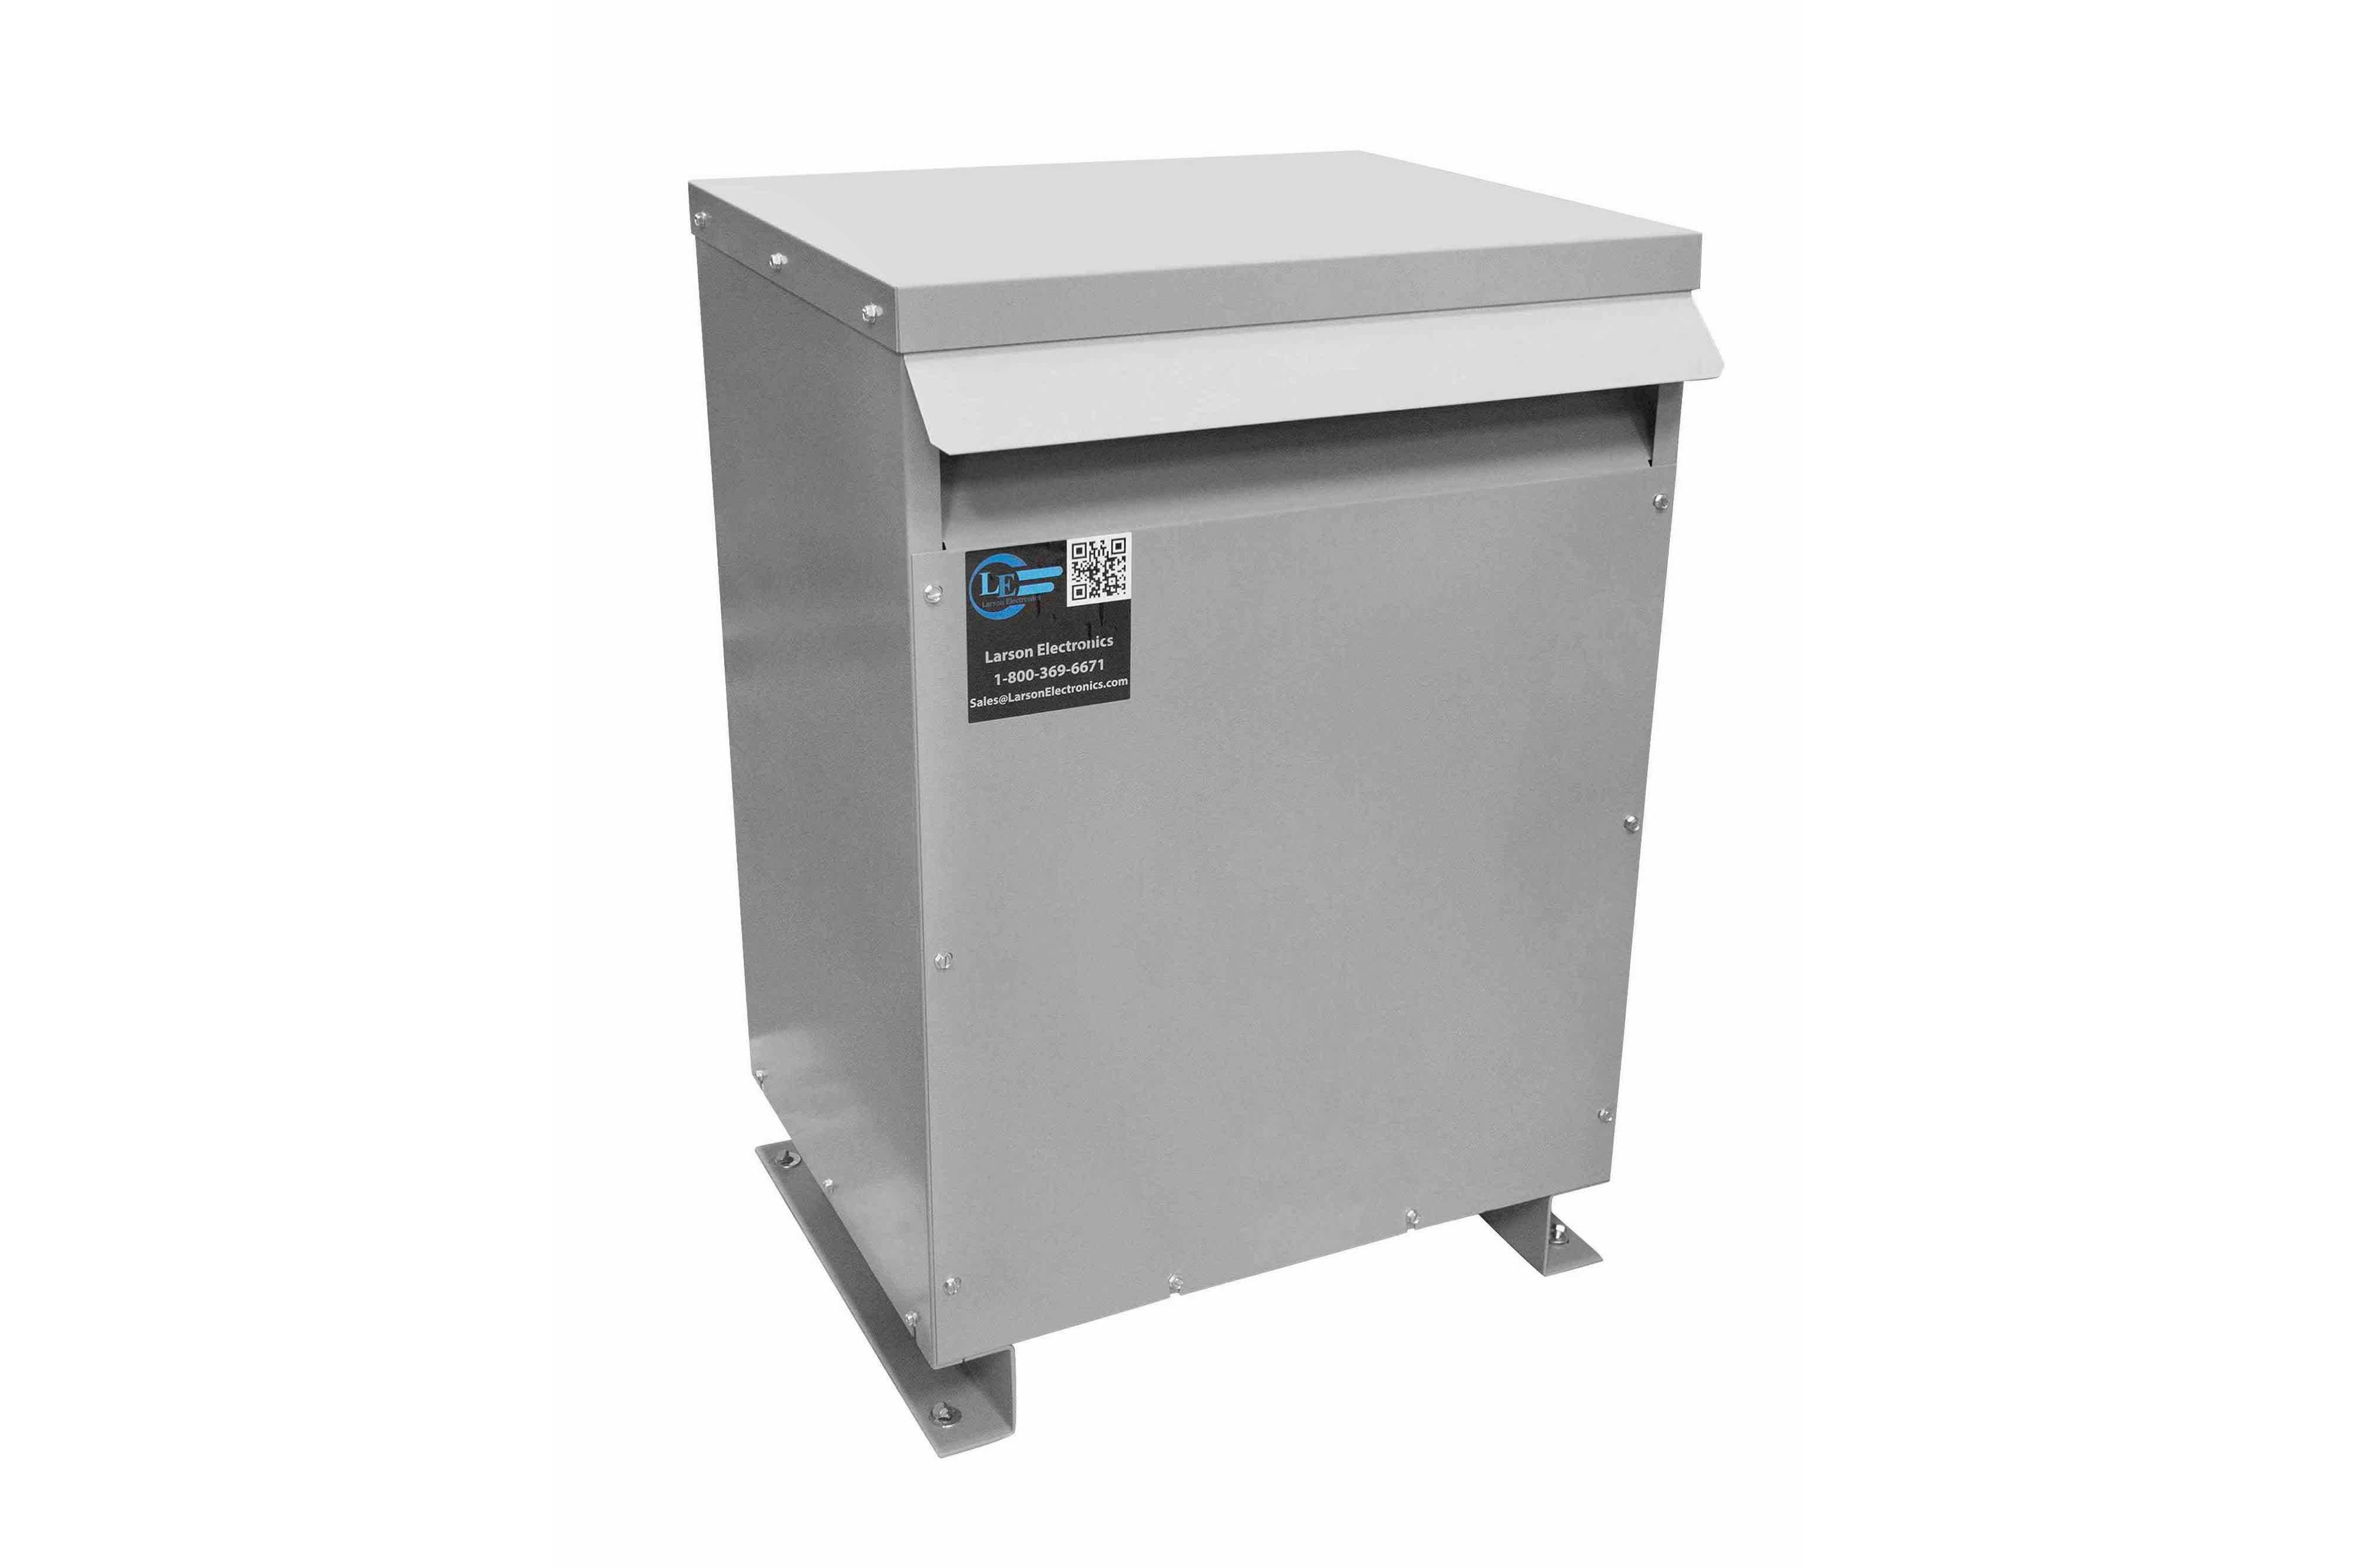 75 kVA 3PH Isolation Transformer, 380V Delta Primary, 600V Delta Secondary, N3R, Ventilated, 60 Hz